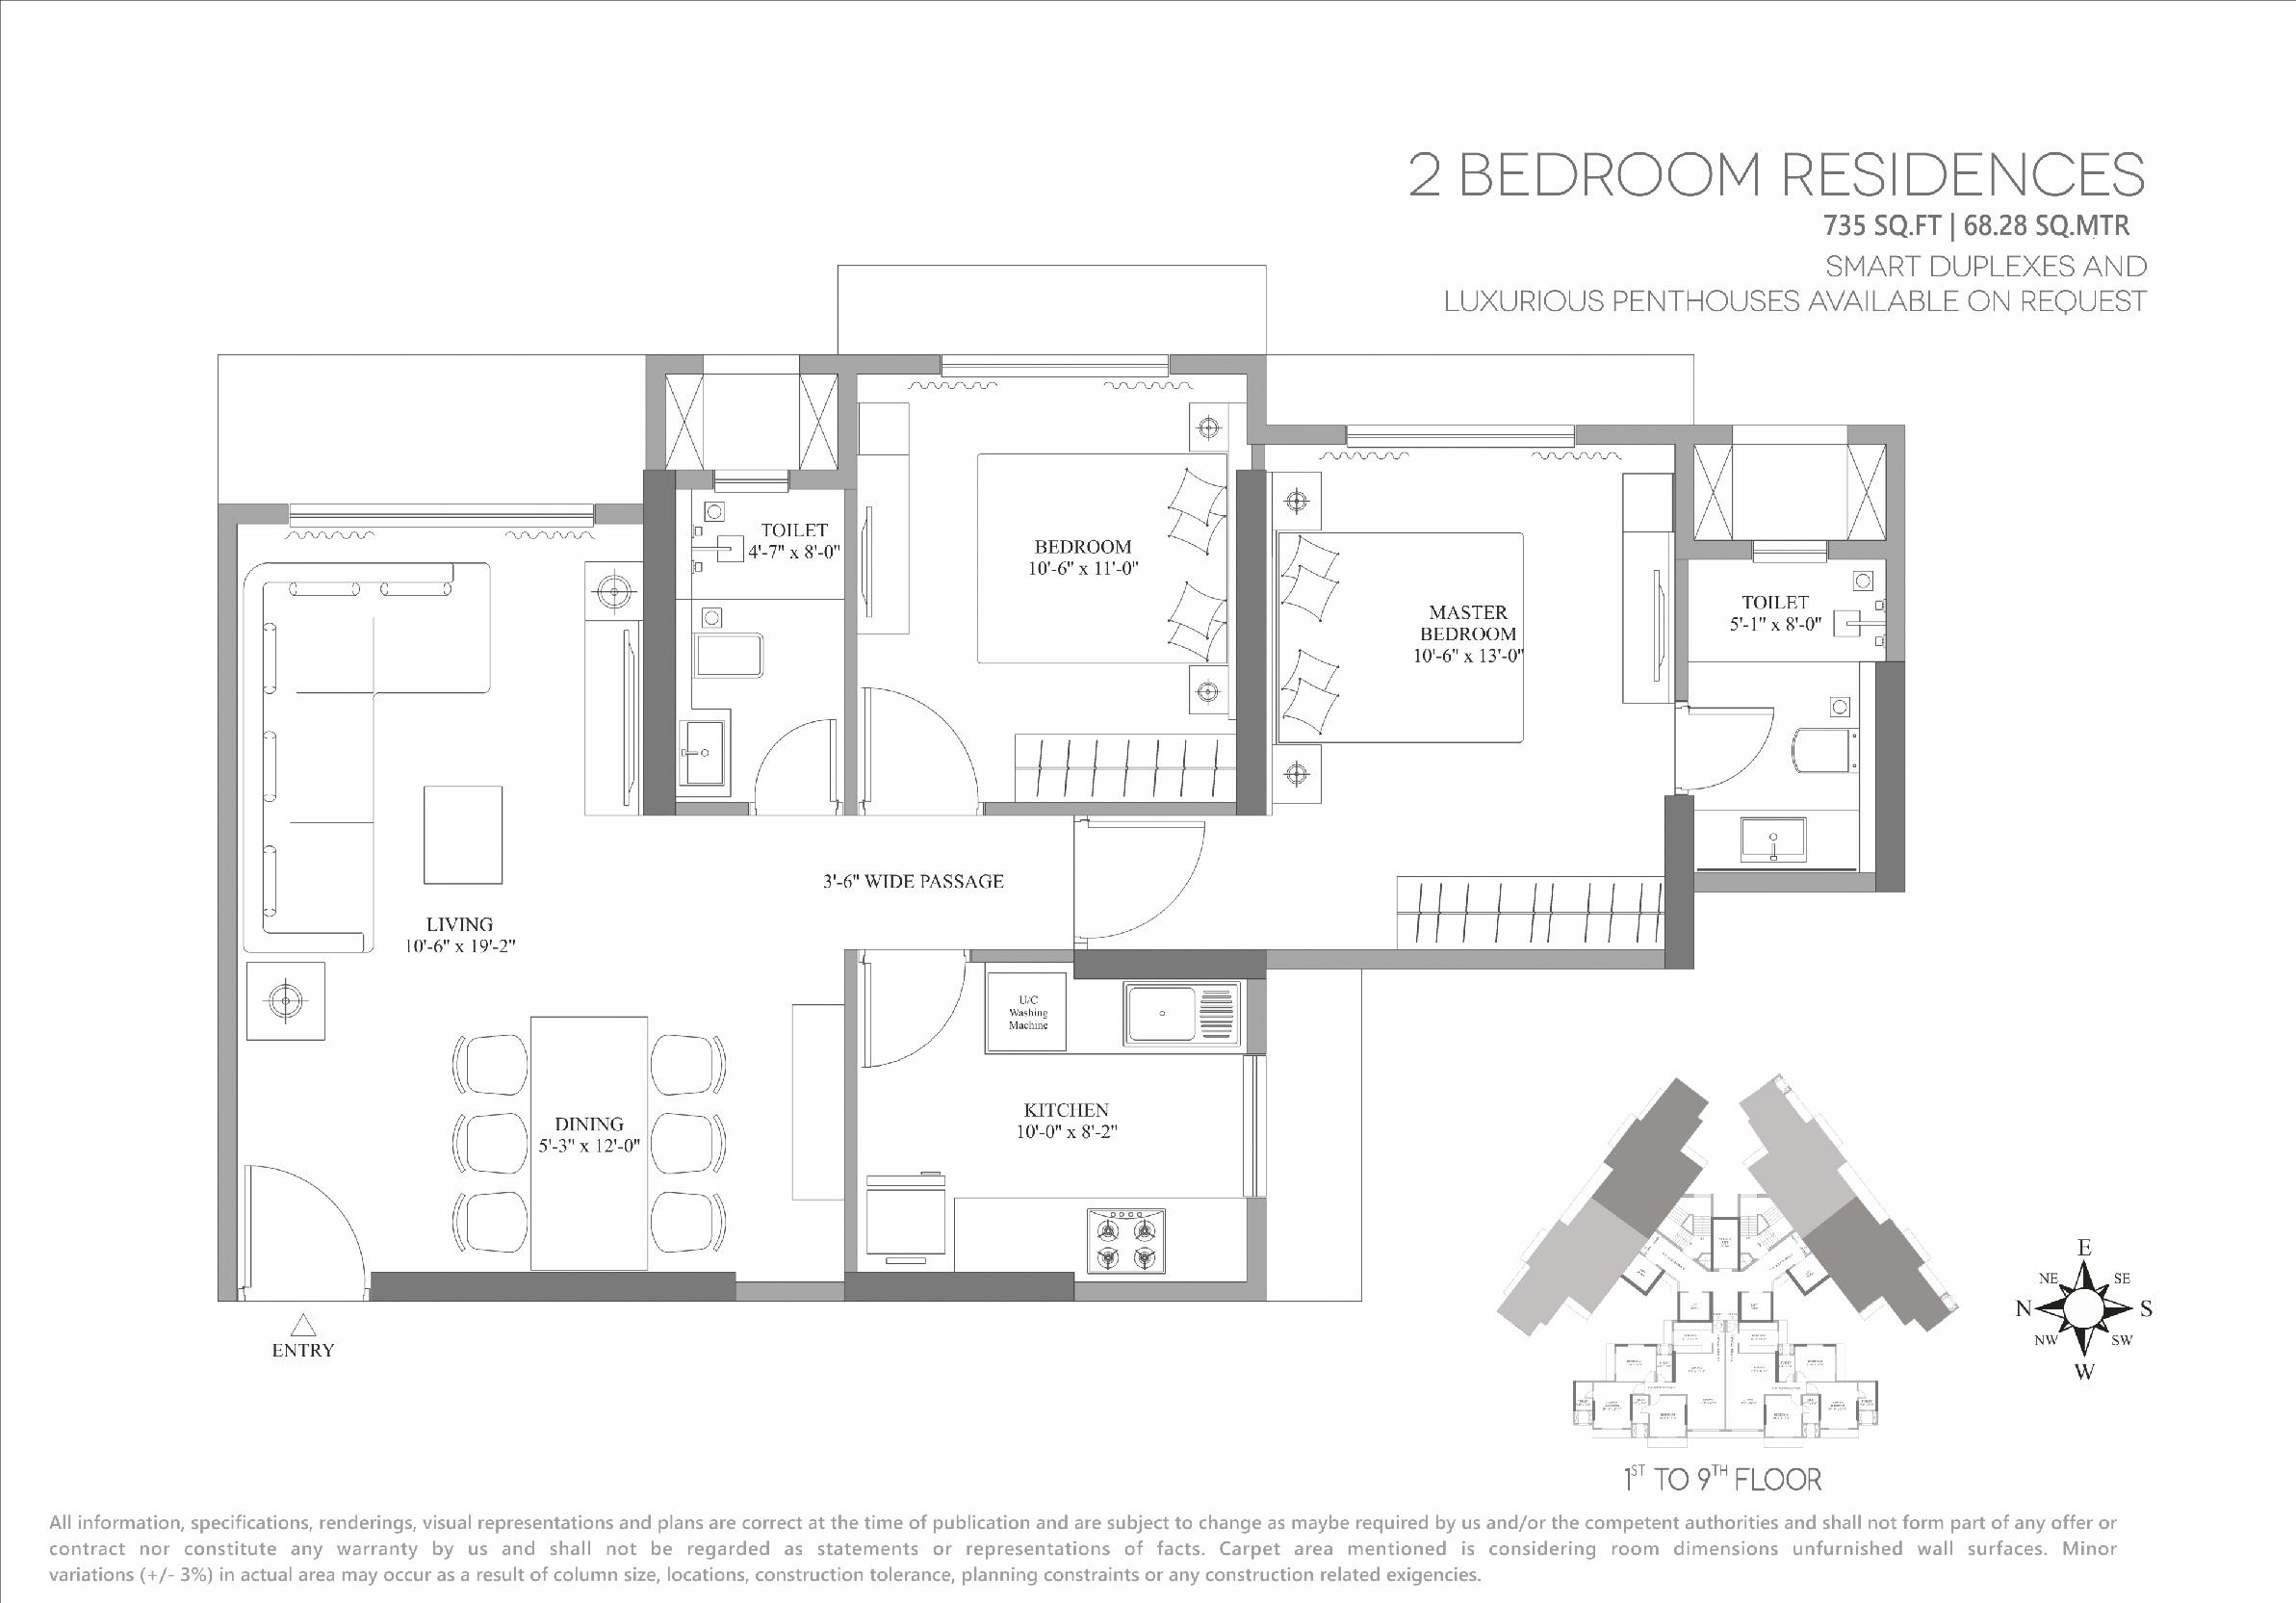 lotus unity apartment 2 bhk 735sqft 20202512132500